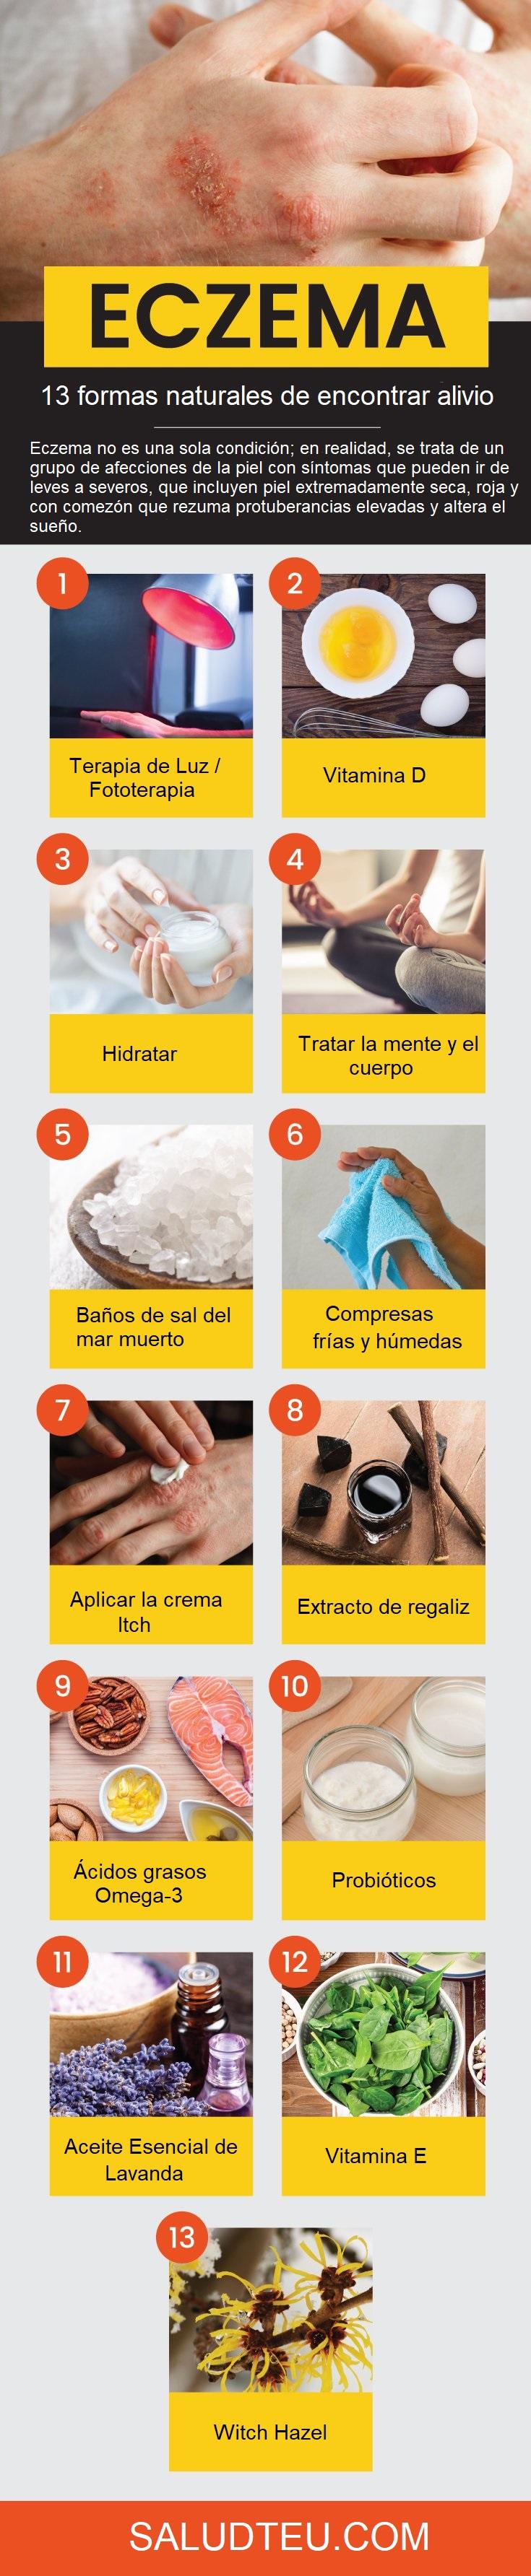 ¿Cómo deshacerse de eczema